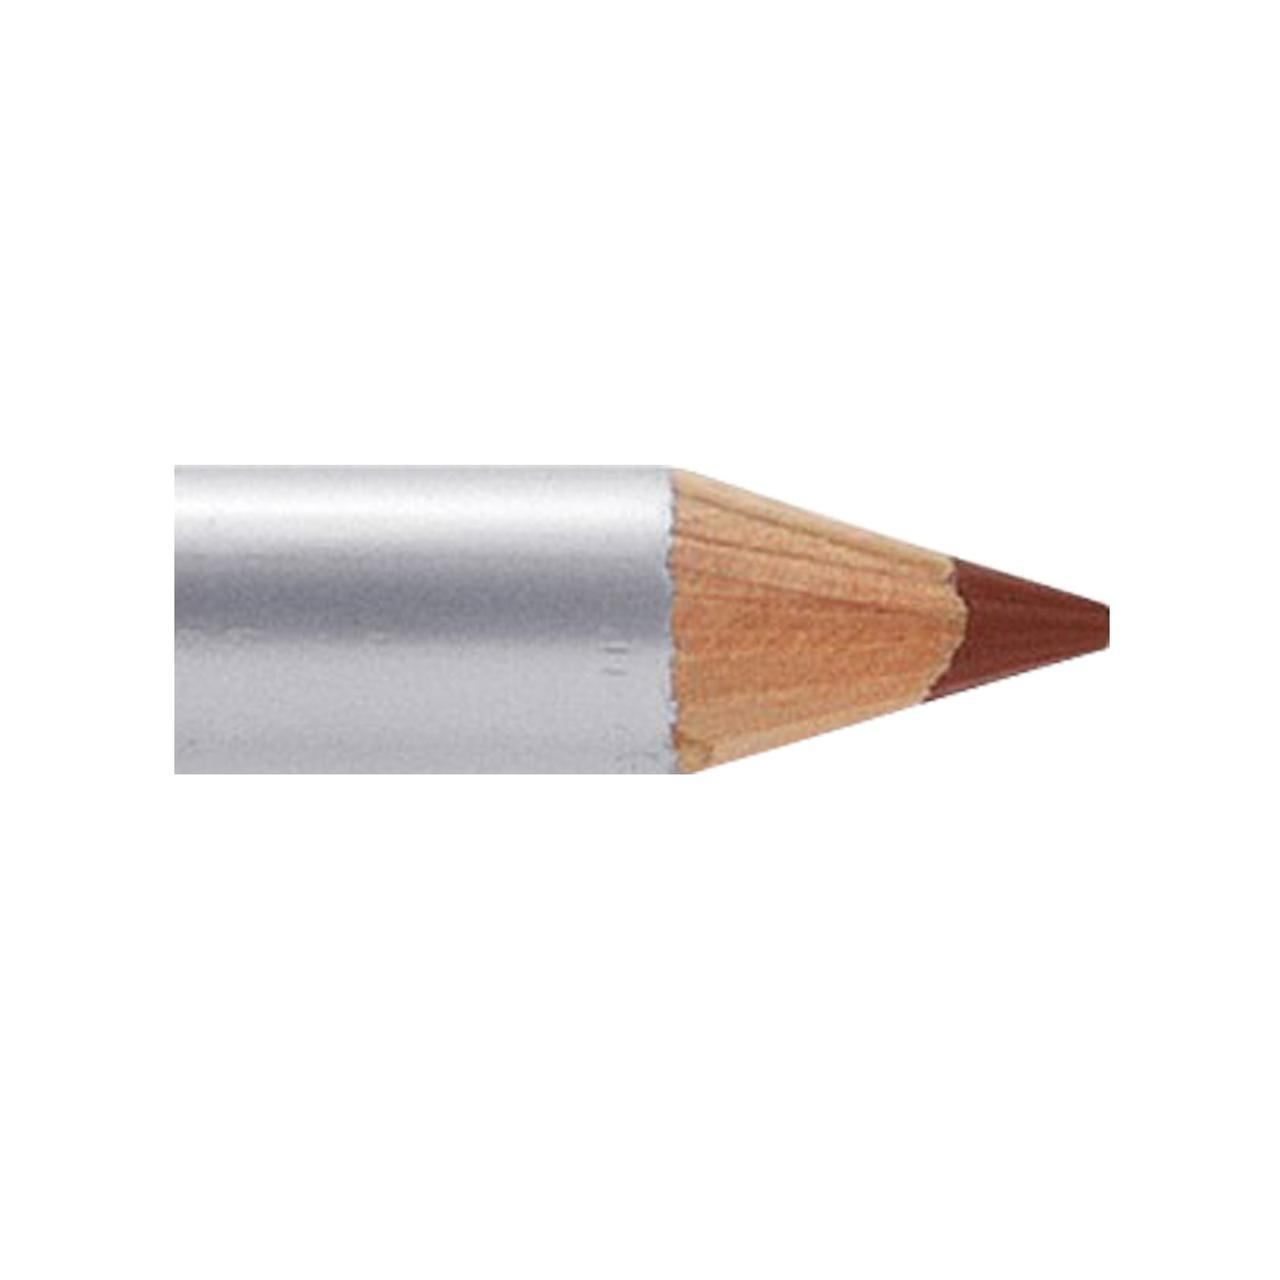 Prestige Cosmetics, Классический карандаш для бровей, Бурый ,04 унции (1,1 г) - ⭐FREELIFE⭐ интернет-магазин натуральных препаратов для здоровья №➀ в Украине в Киеве